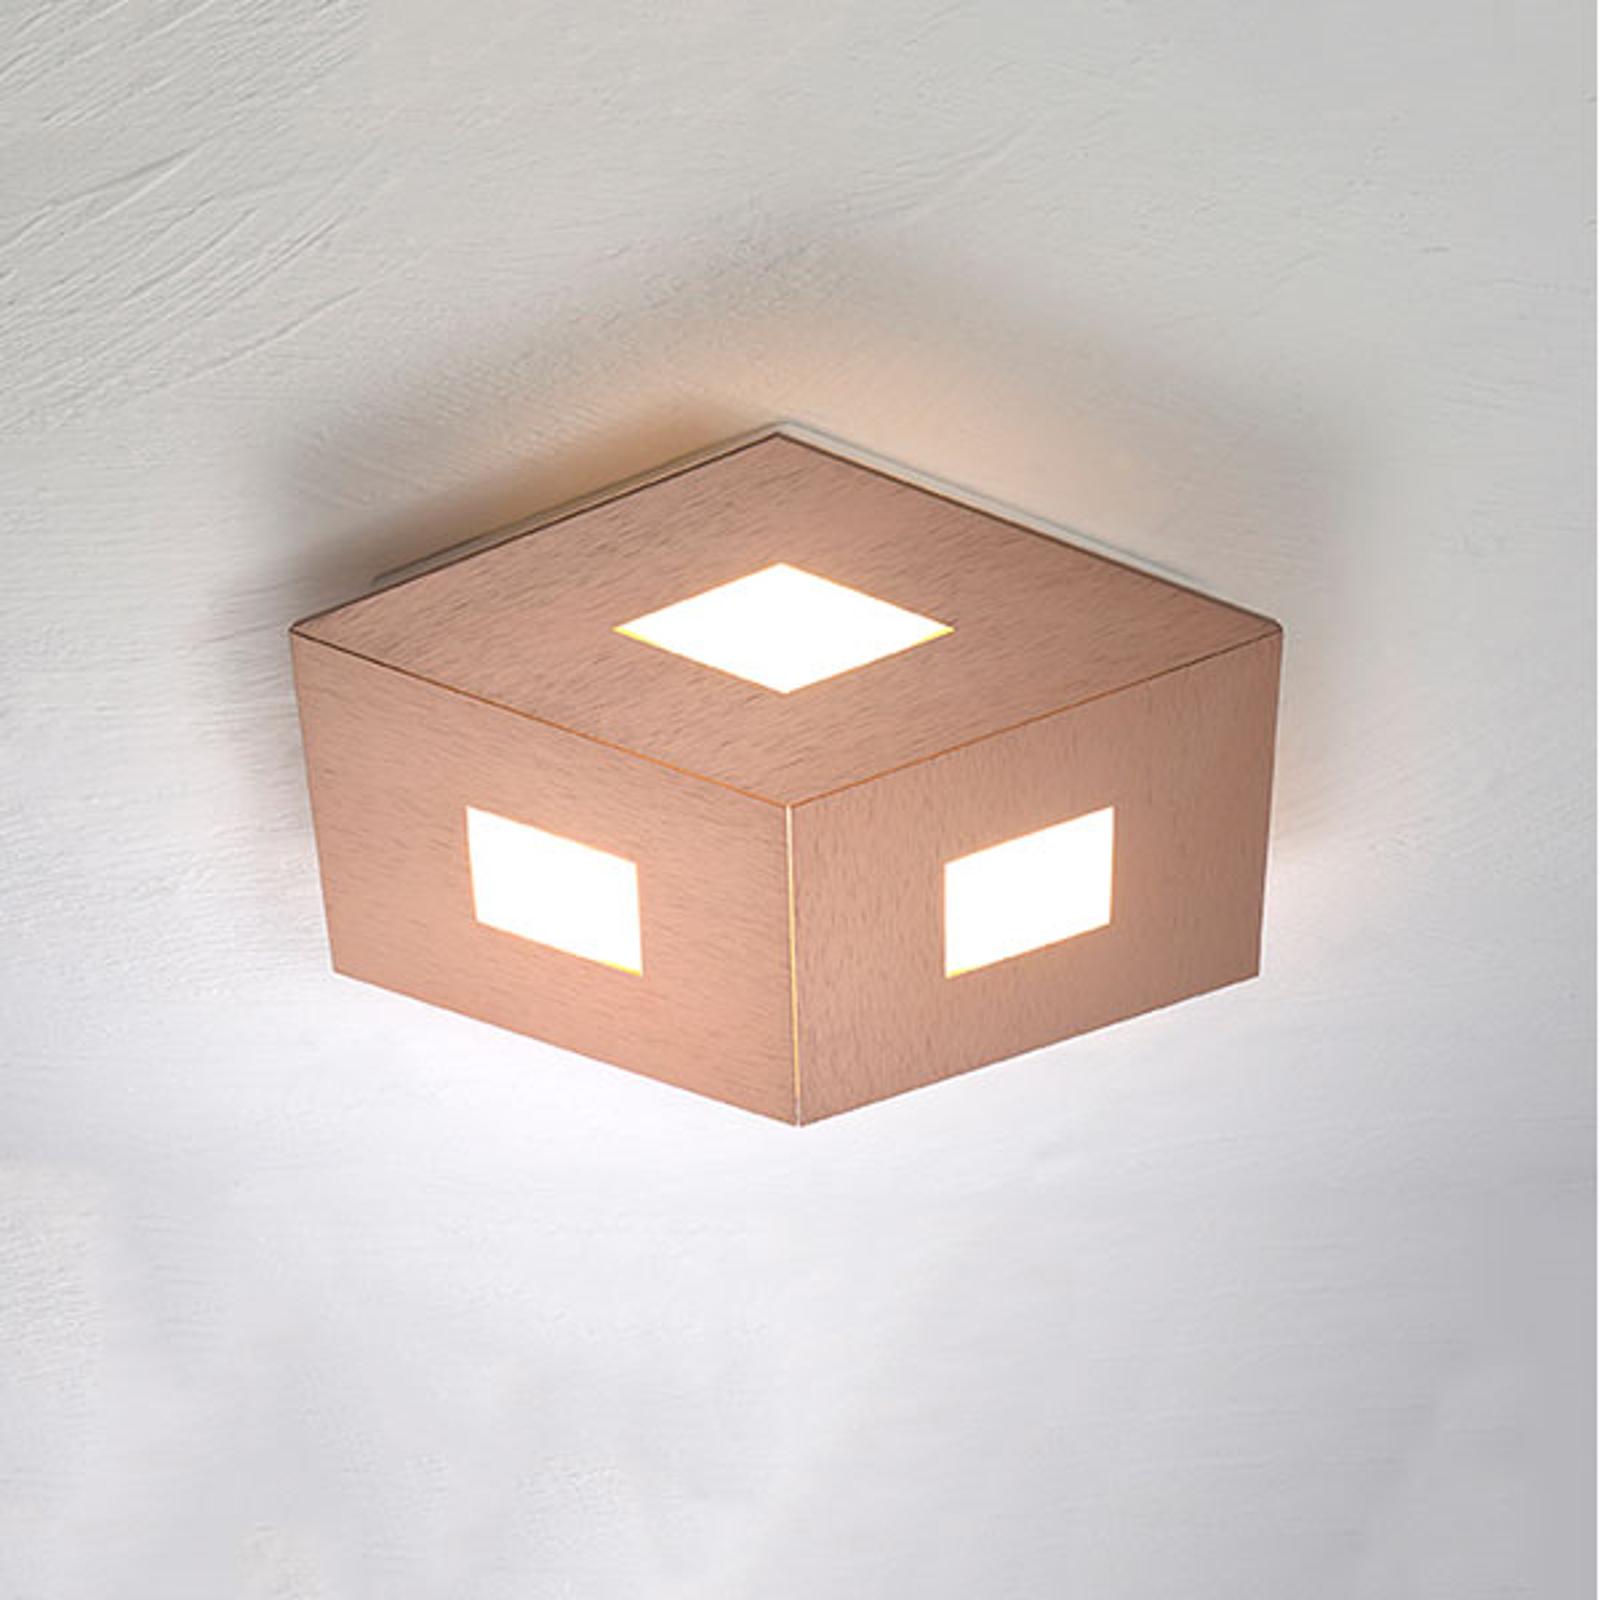 Bopp Box Comfort plafonnier LED doré rosé 35cm